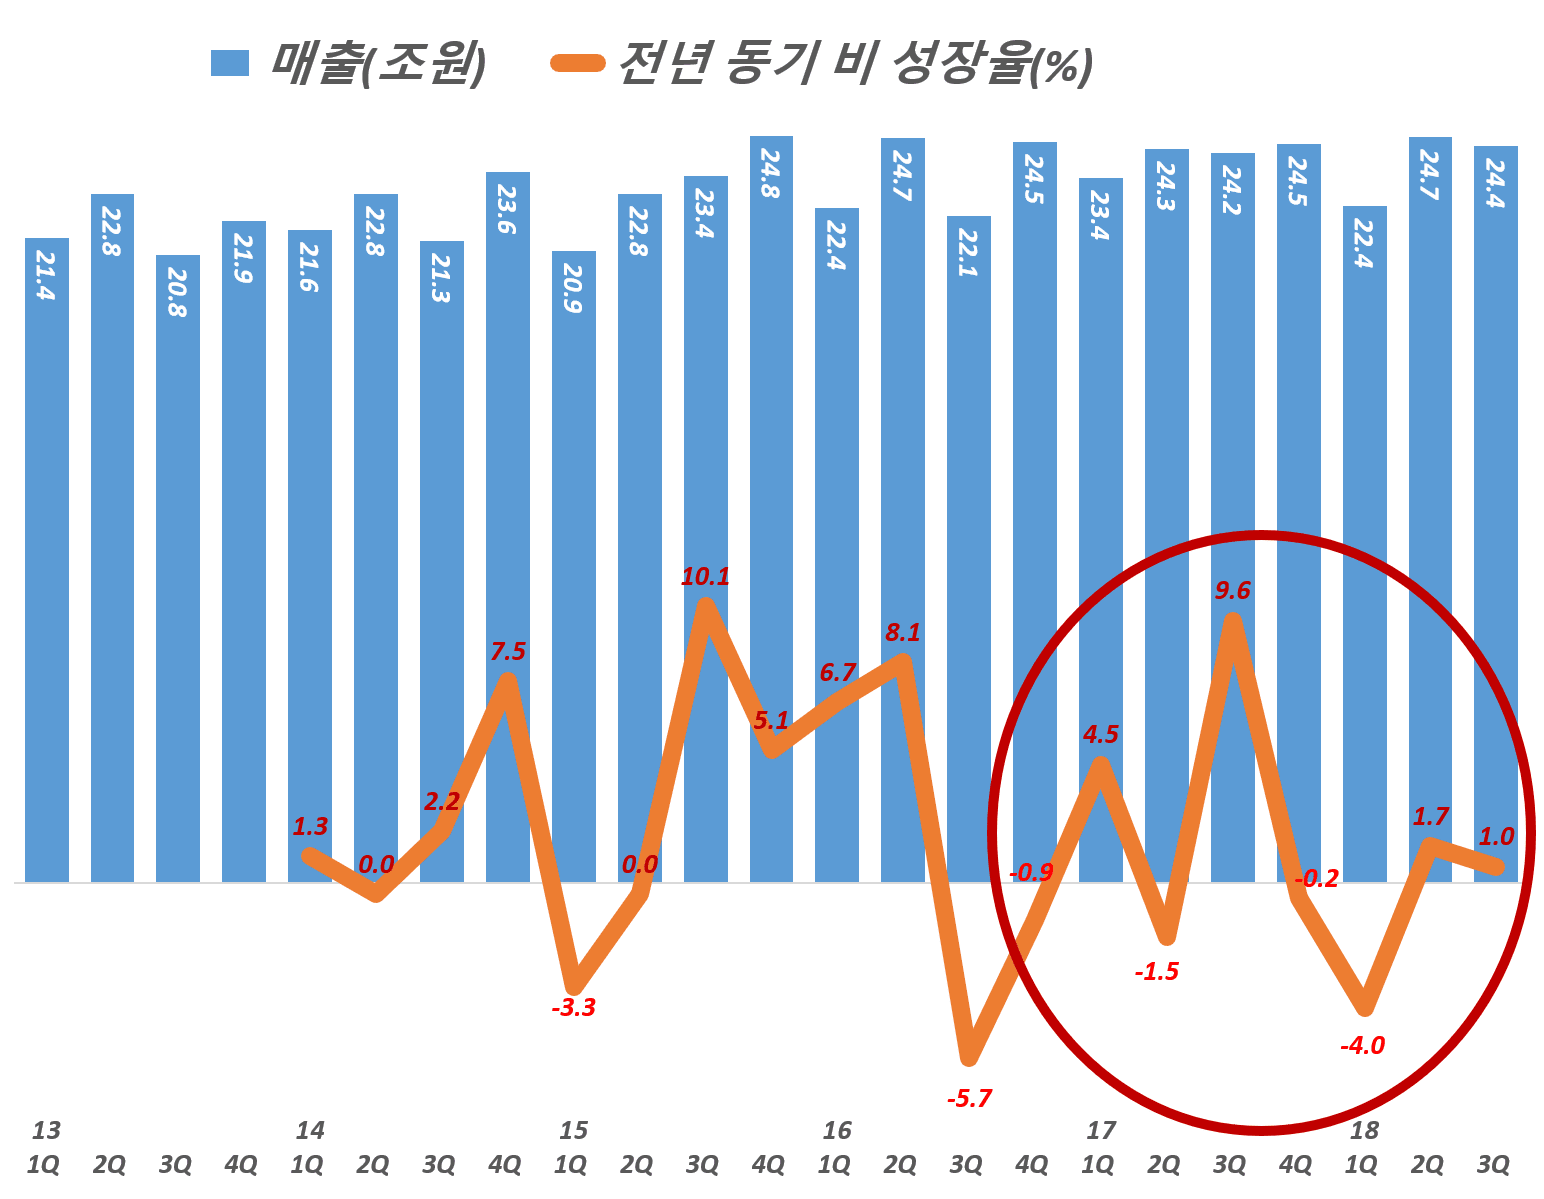 현대자동차 분기별 매출 및 전년 비 성장율, Graph by Happist